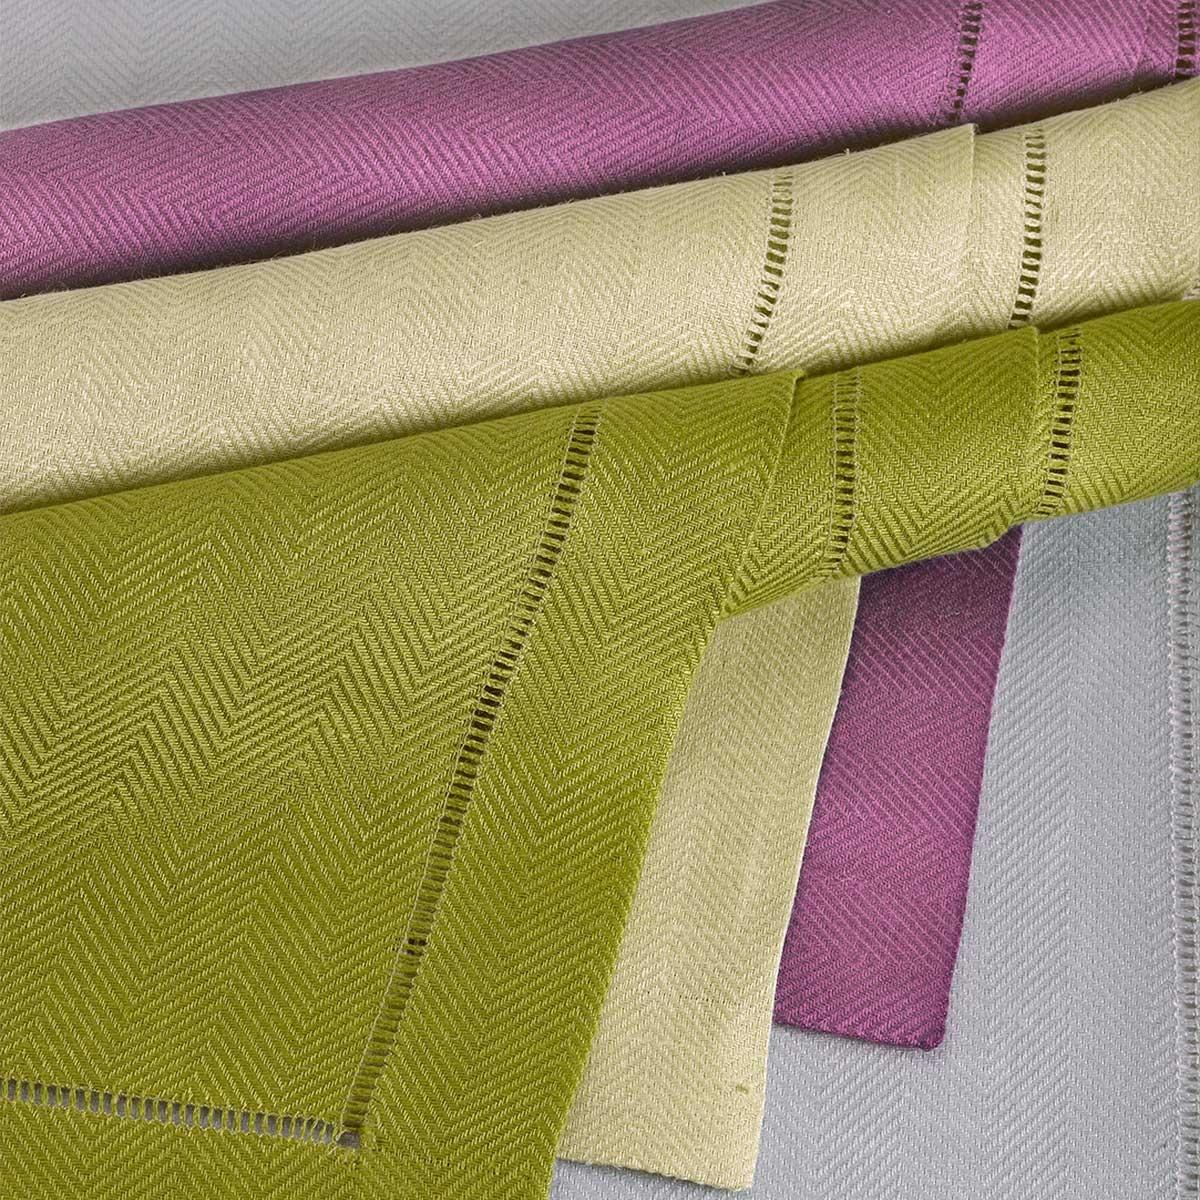 Nobel Herringbone Linen Table Linens